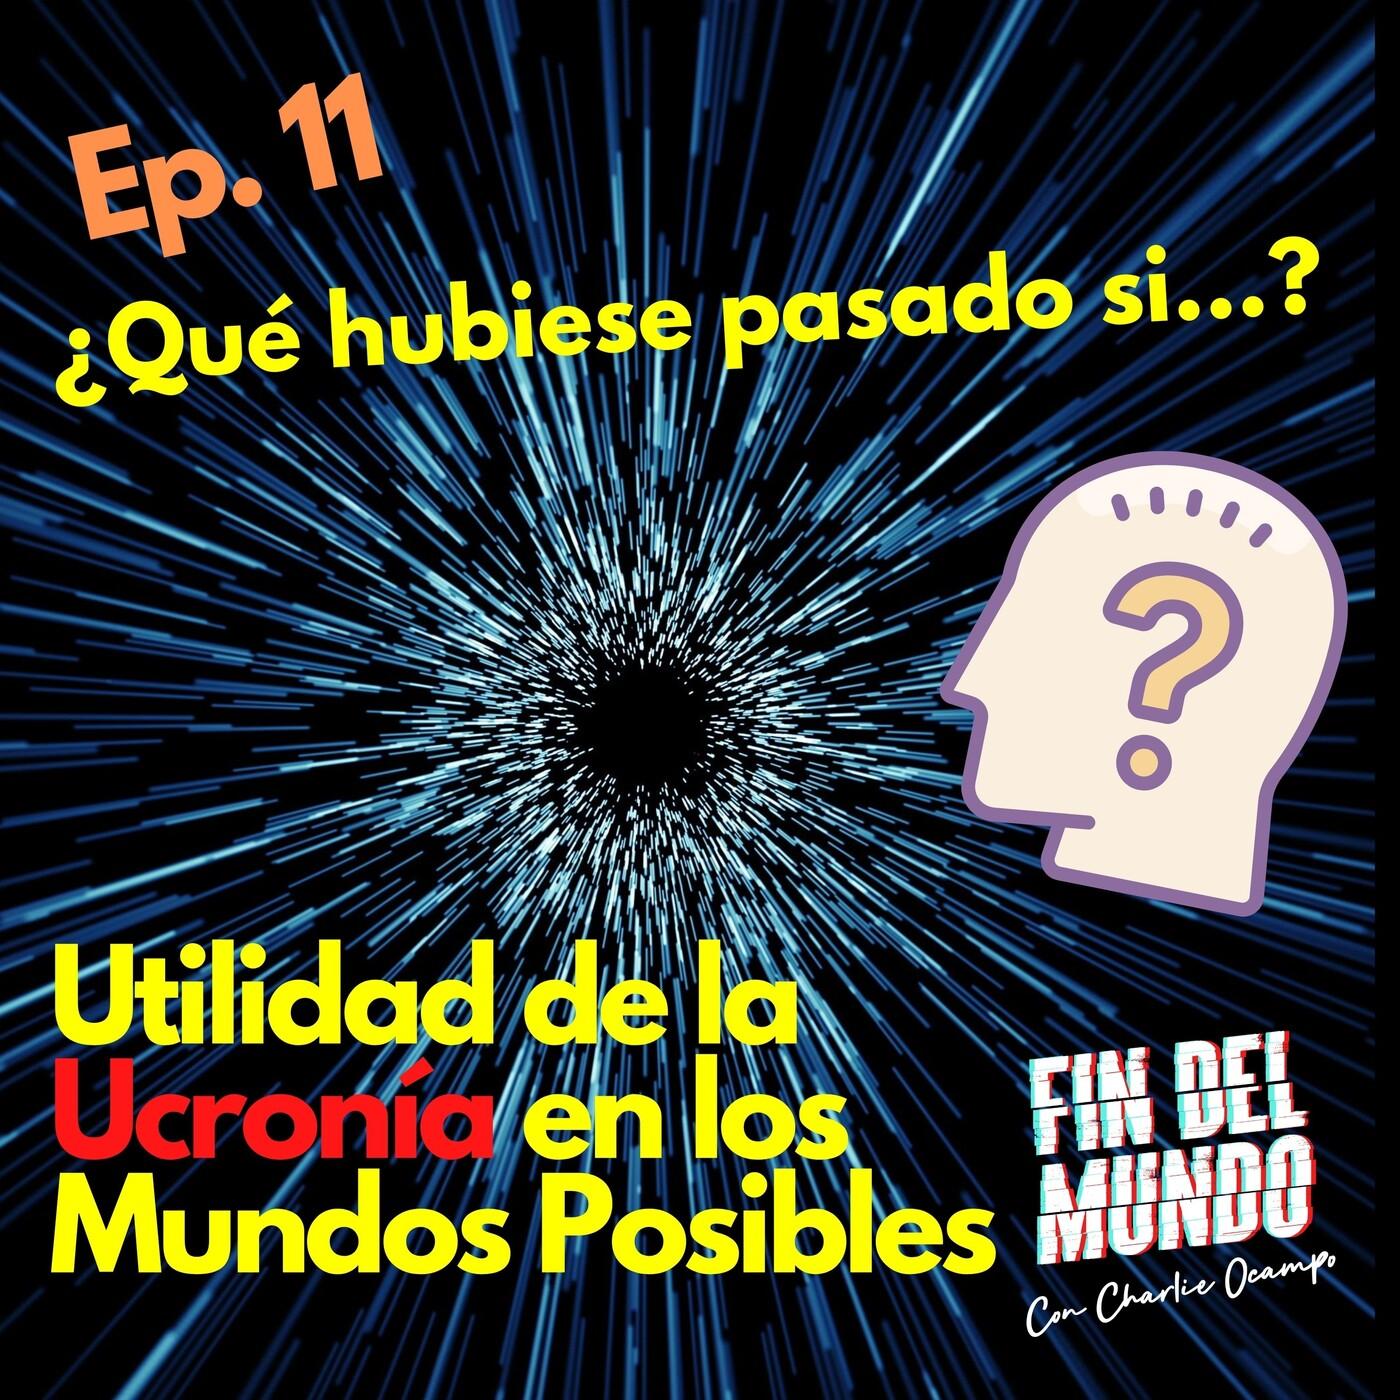 11.¿Qué hubiese pasado si…? (Utilidad de la Ucronía en los MUNDOS POSIBLES).